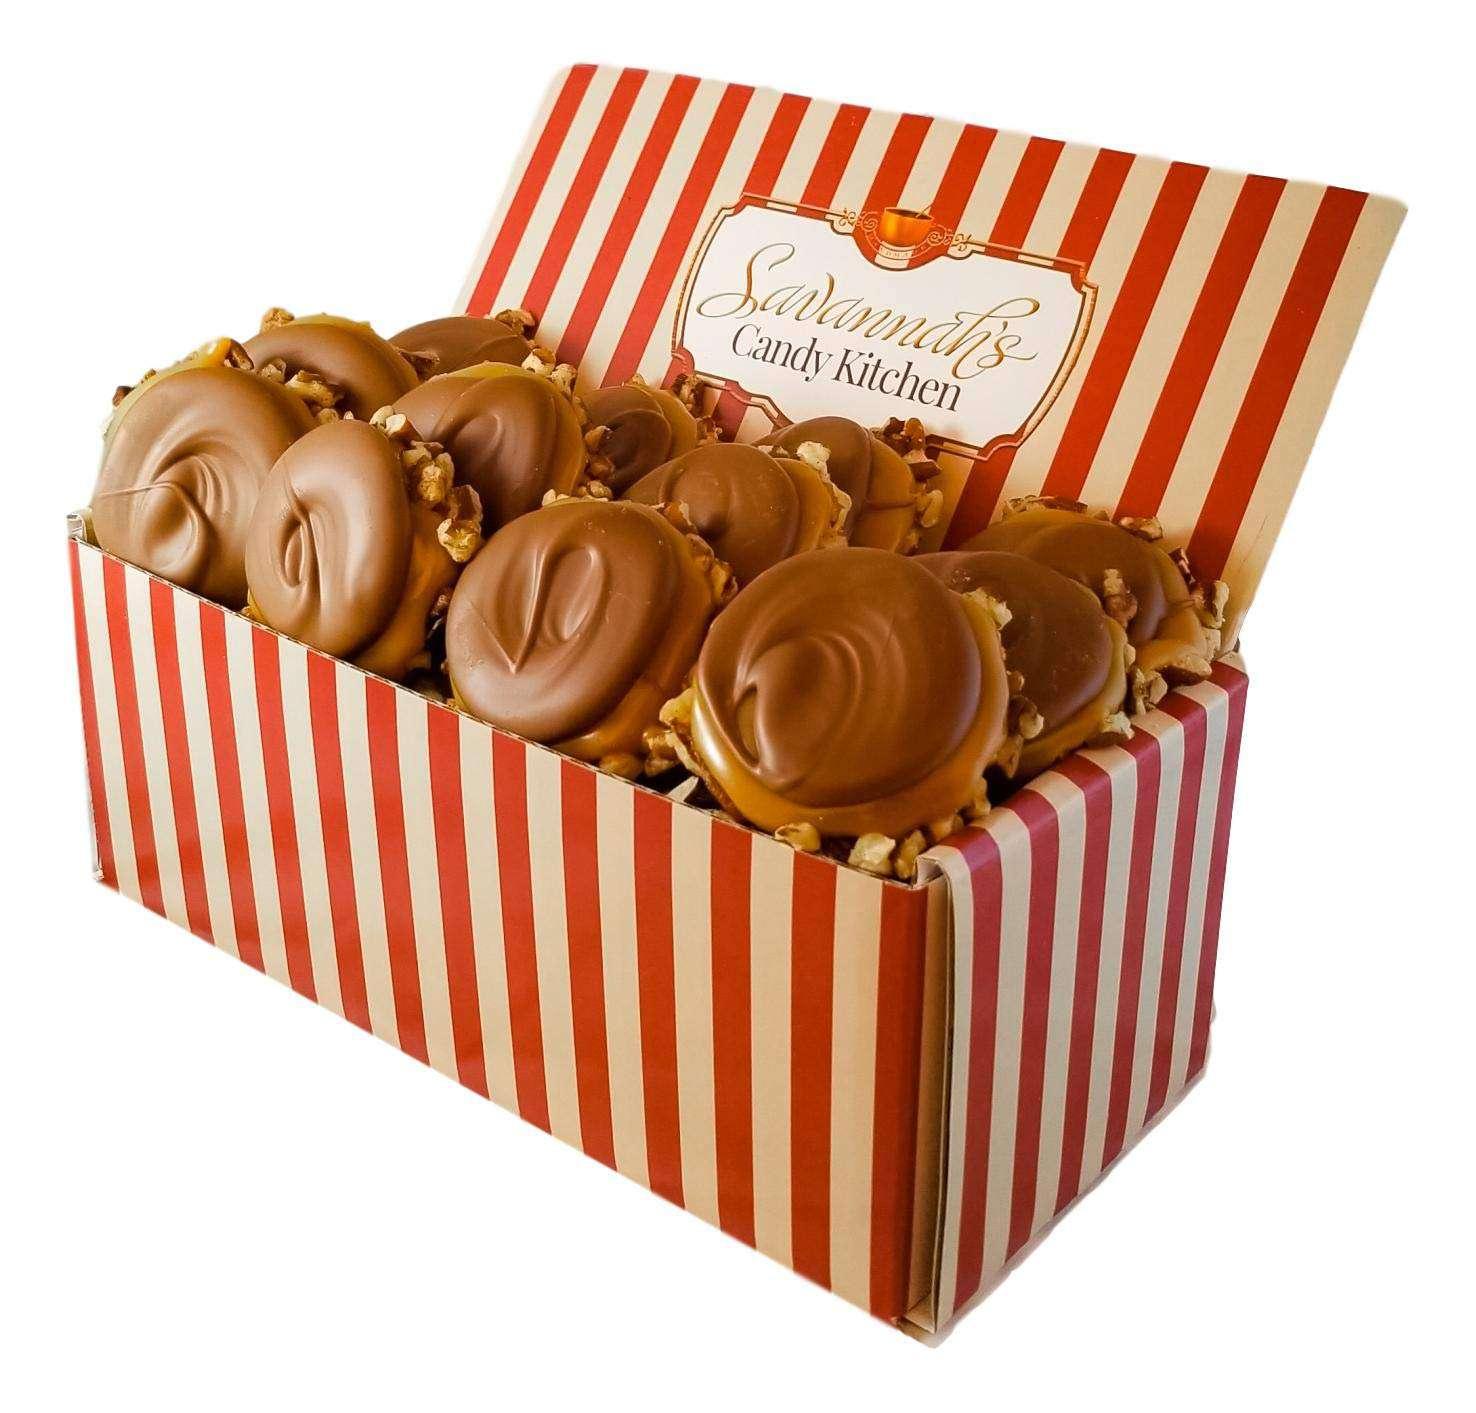 Savannah's Candy Kitchen Milk Chocolate Turtle Gophers